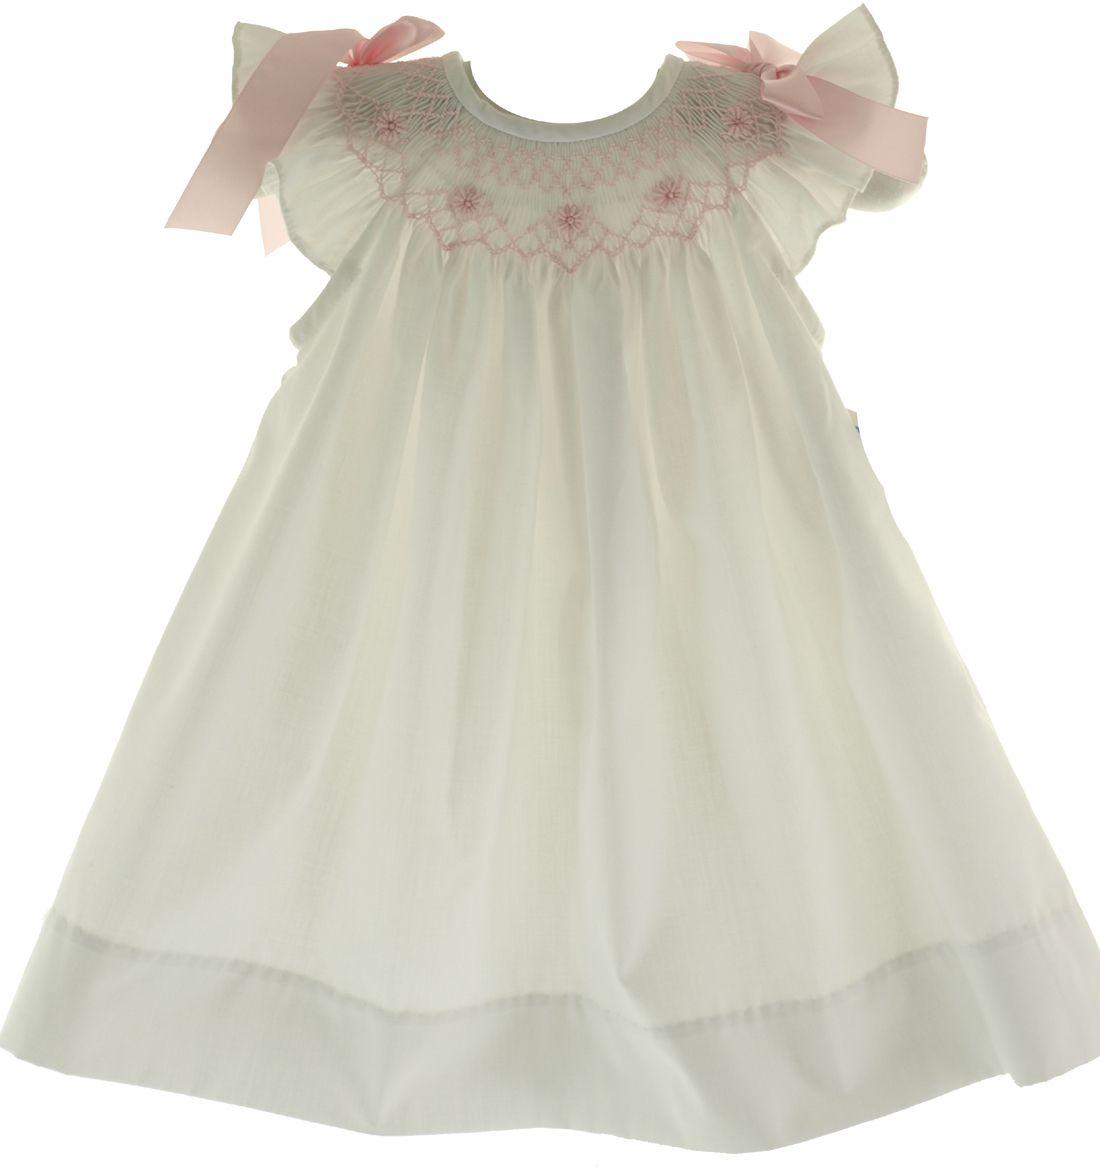 Girls Smocked Dress White Pink Bows Angel Bishop | Bow Peep ...